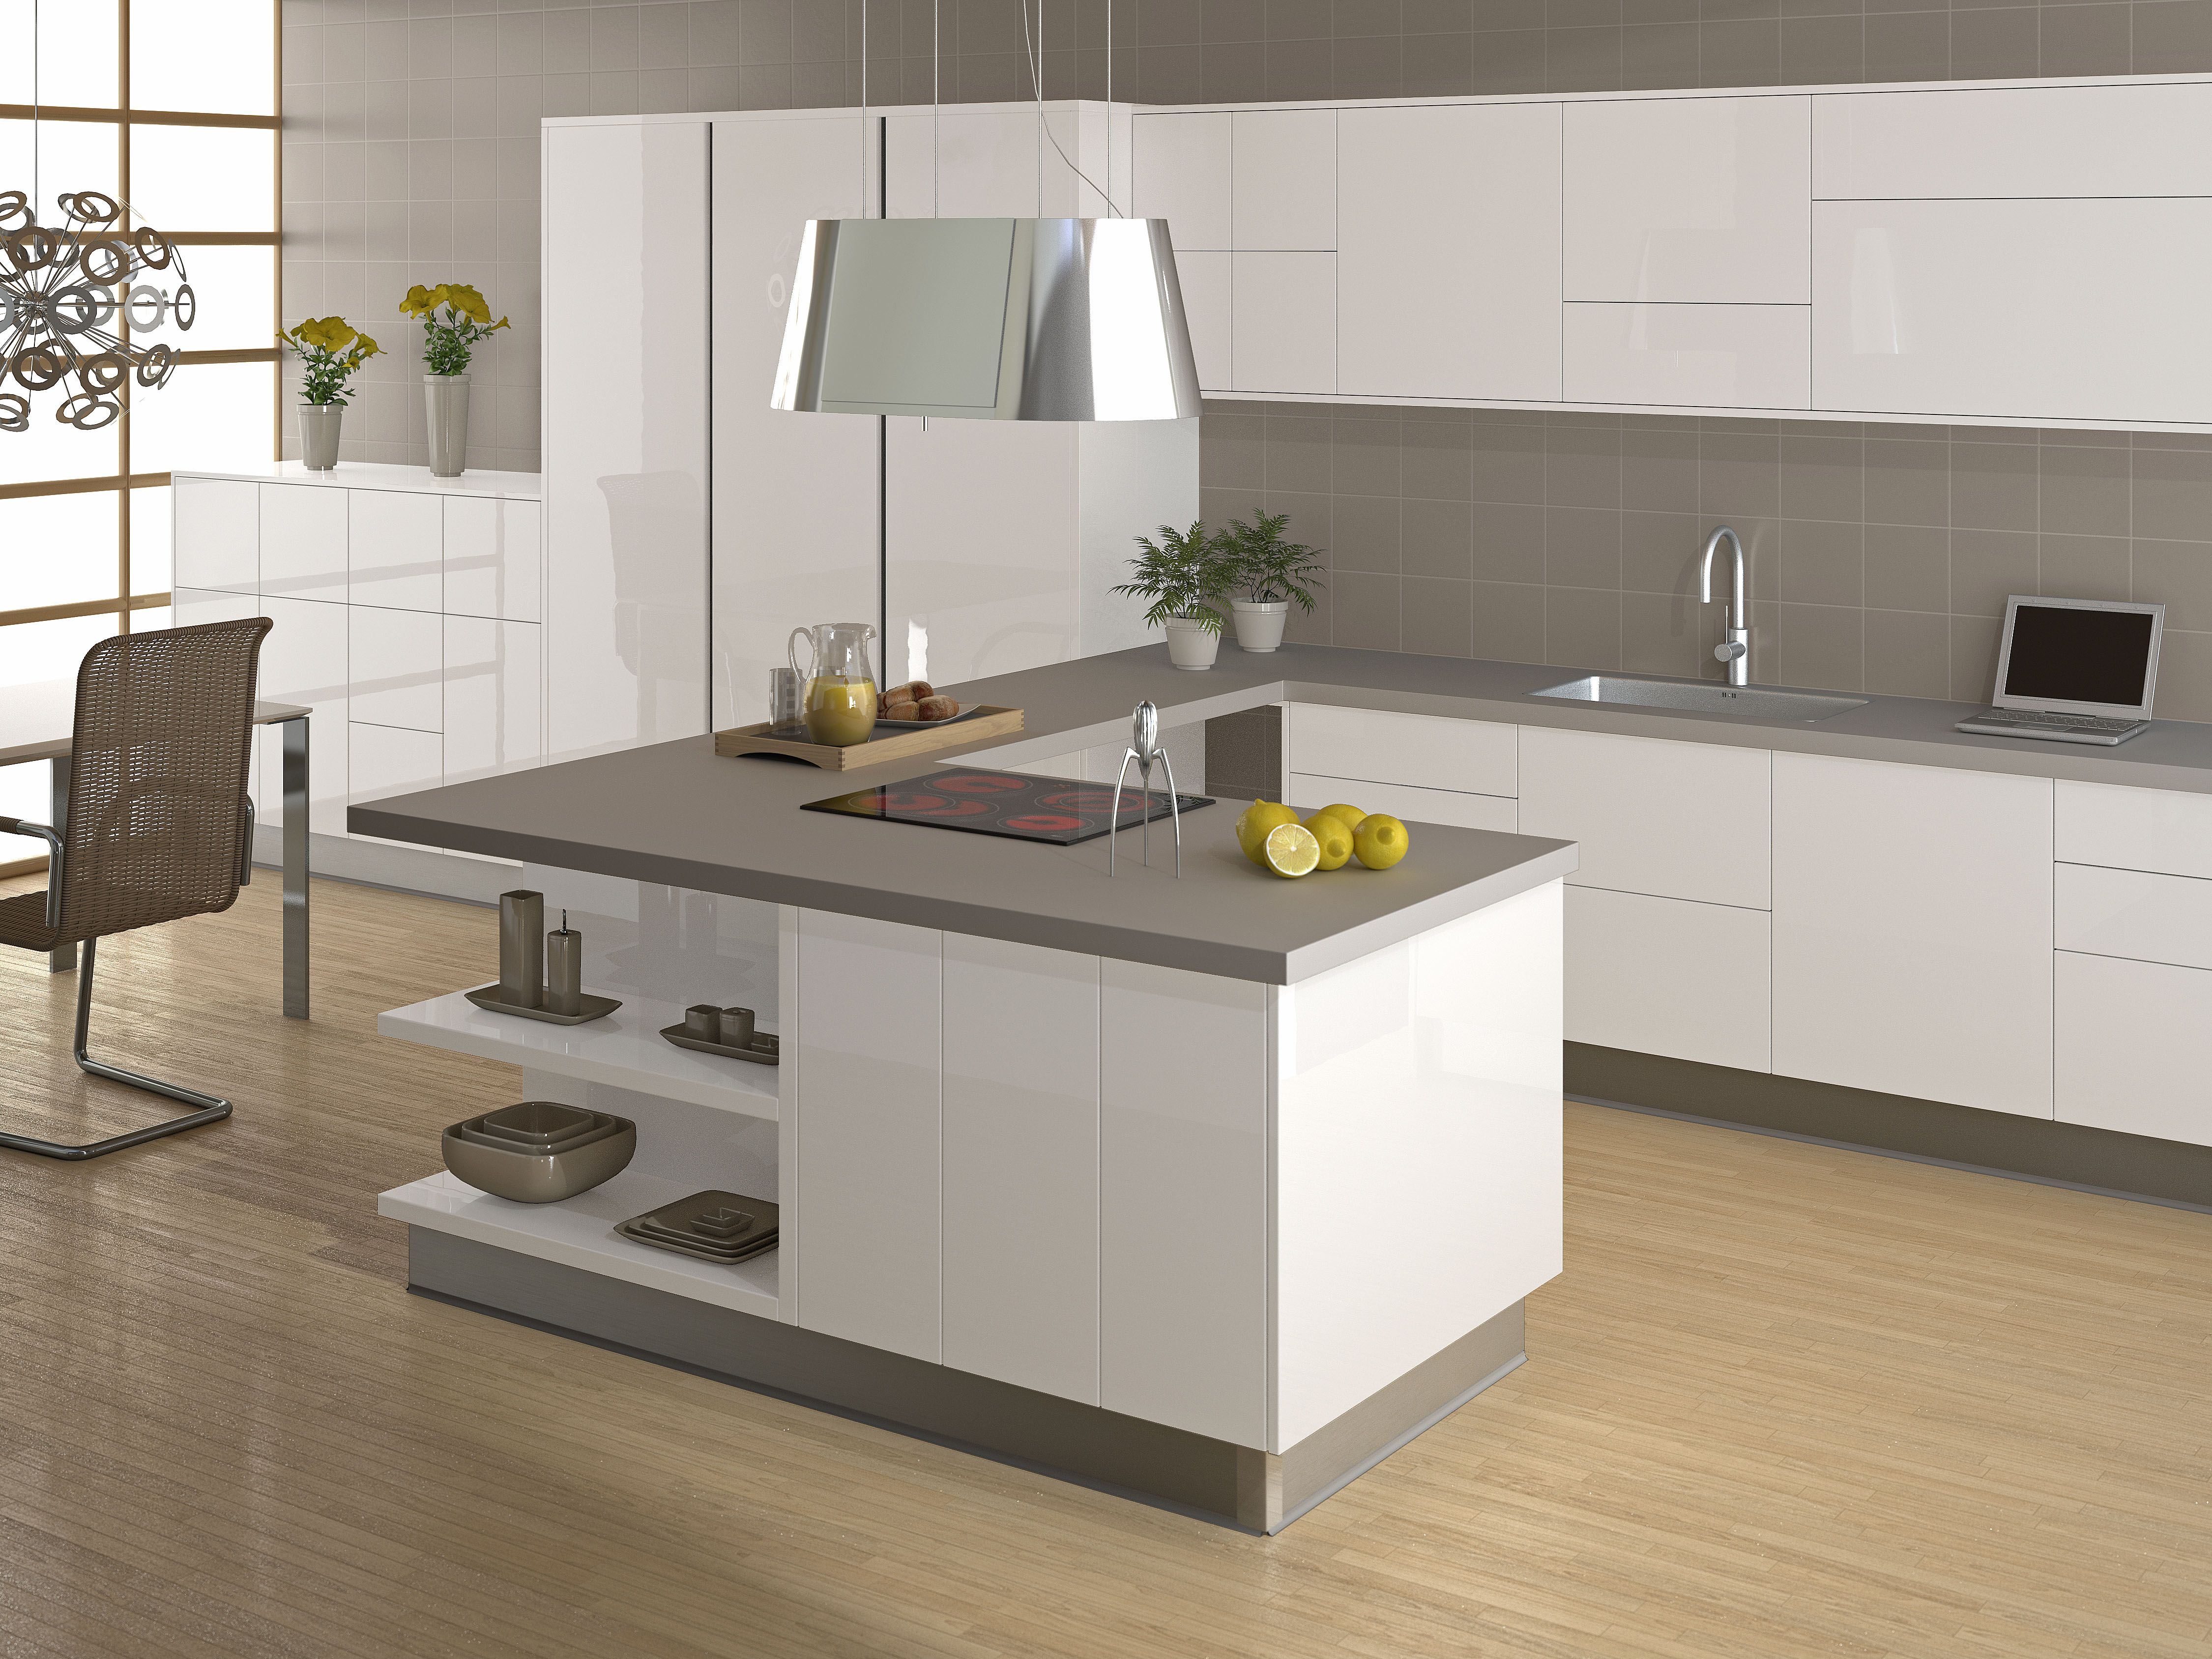 Cocinas modernas buscar con google cocinas pinterest for Modelos cocinas integrales modernas